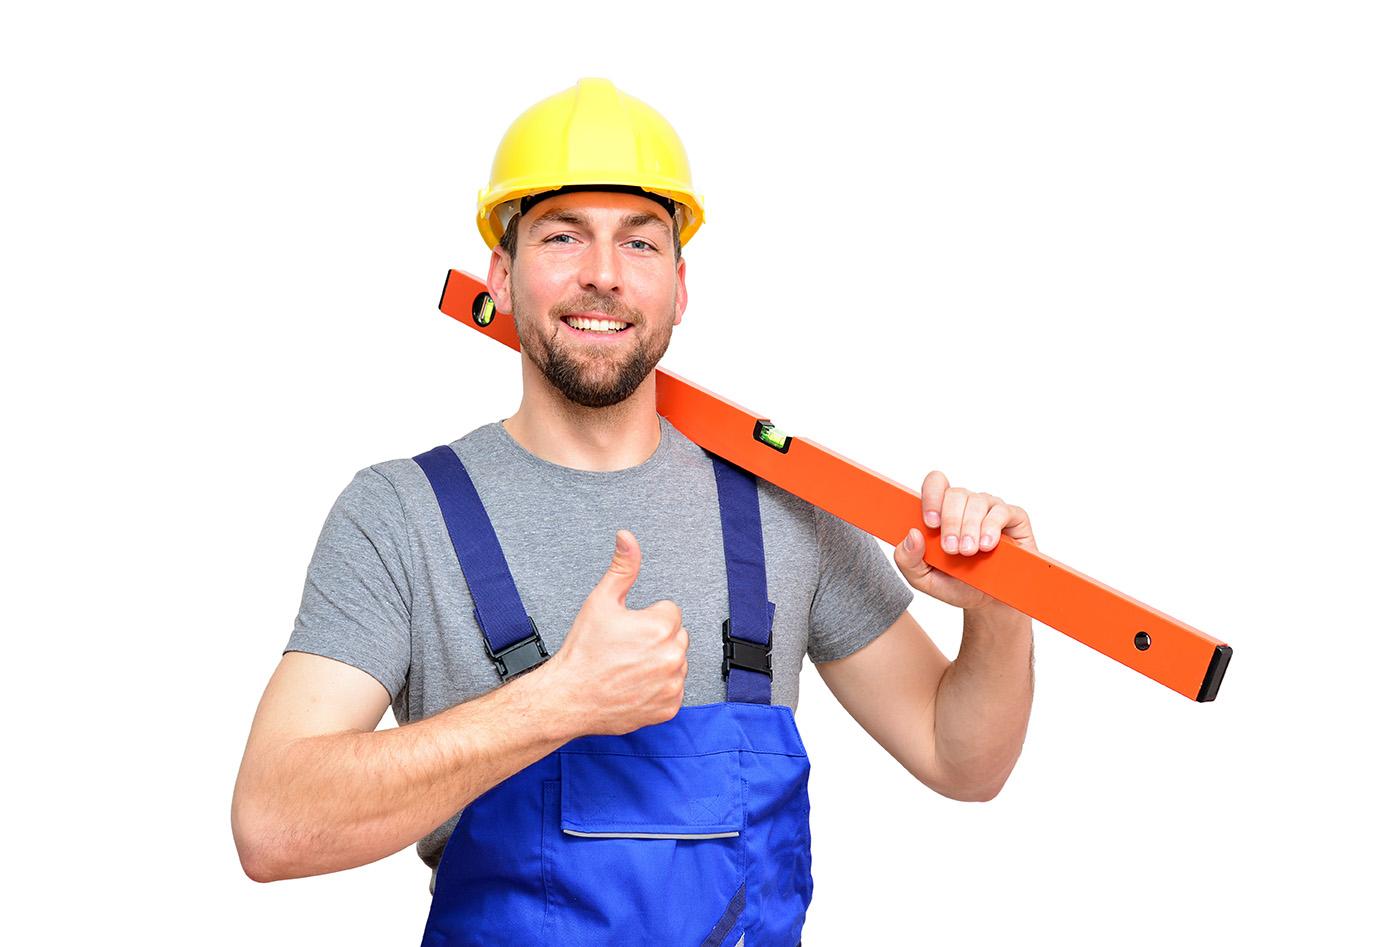 Trabajos verticales, una profesión para valientes